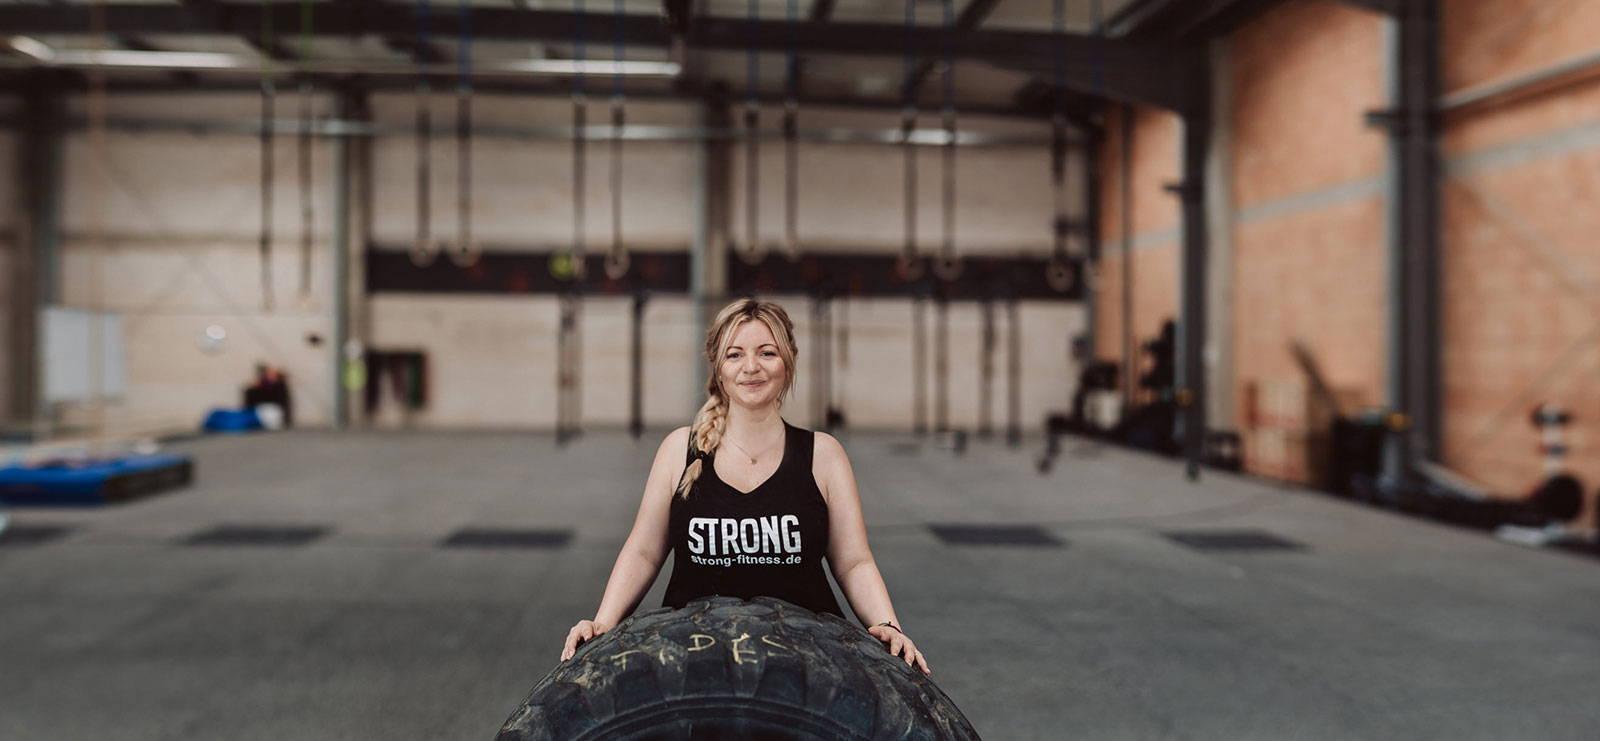 Frau im Fitnessstudio mit einem großen Reifen vorne dran